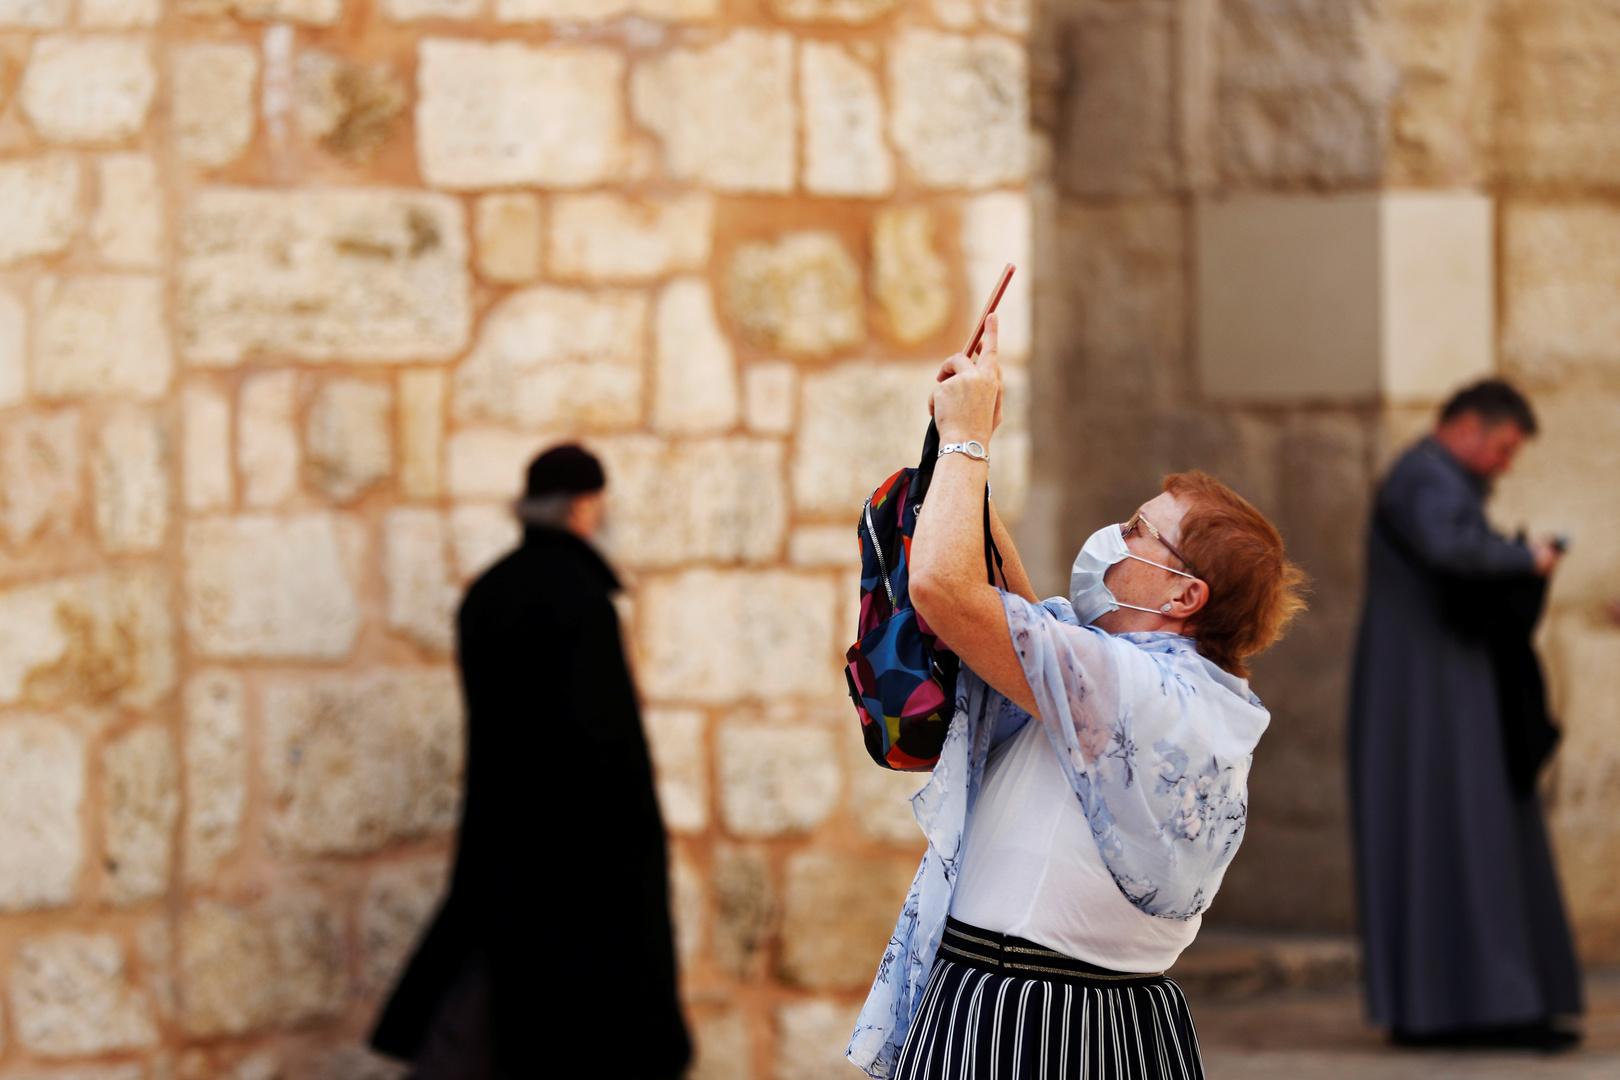 إسرائيل.. الإصابات بكورونا تتجاوز الـ16 ألفا والحكومة تدرس إعادة افتتاح المدارس